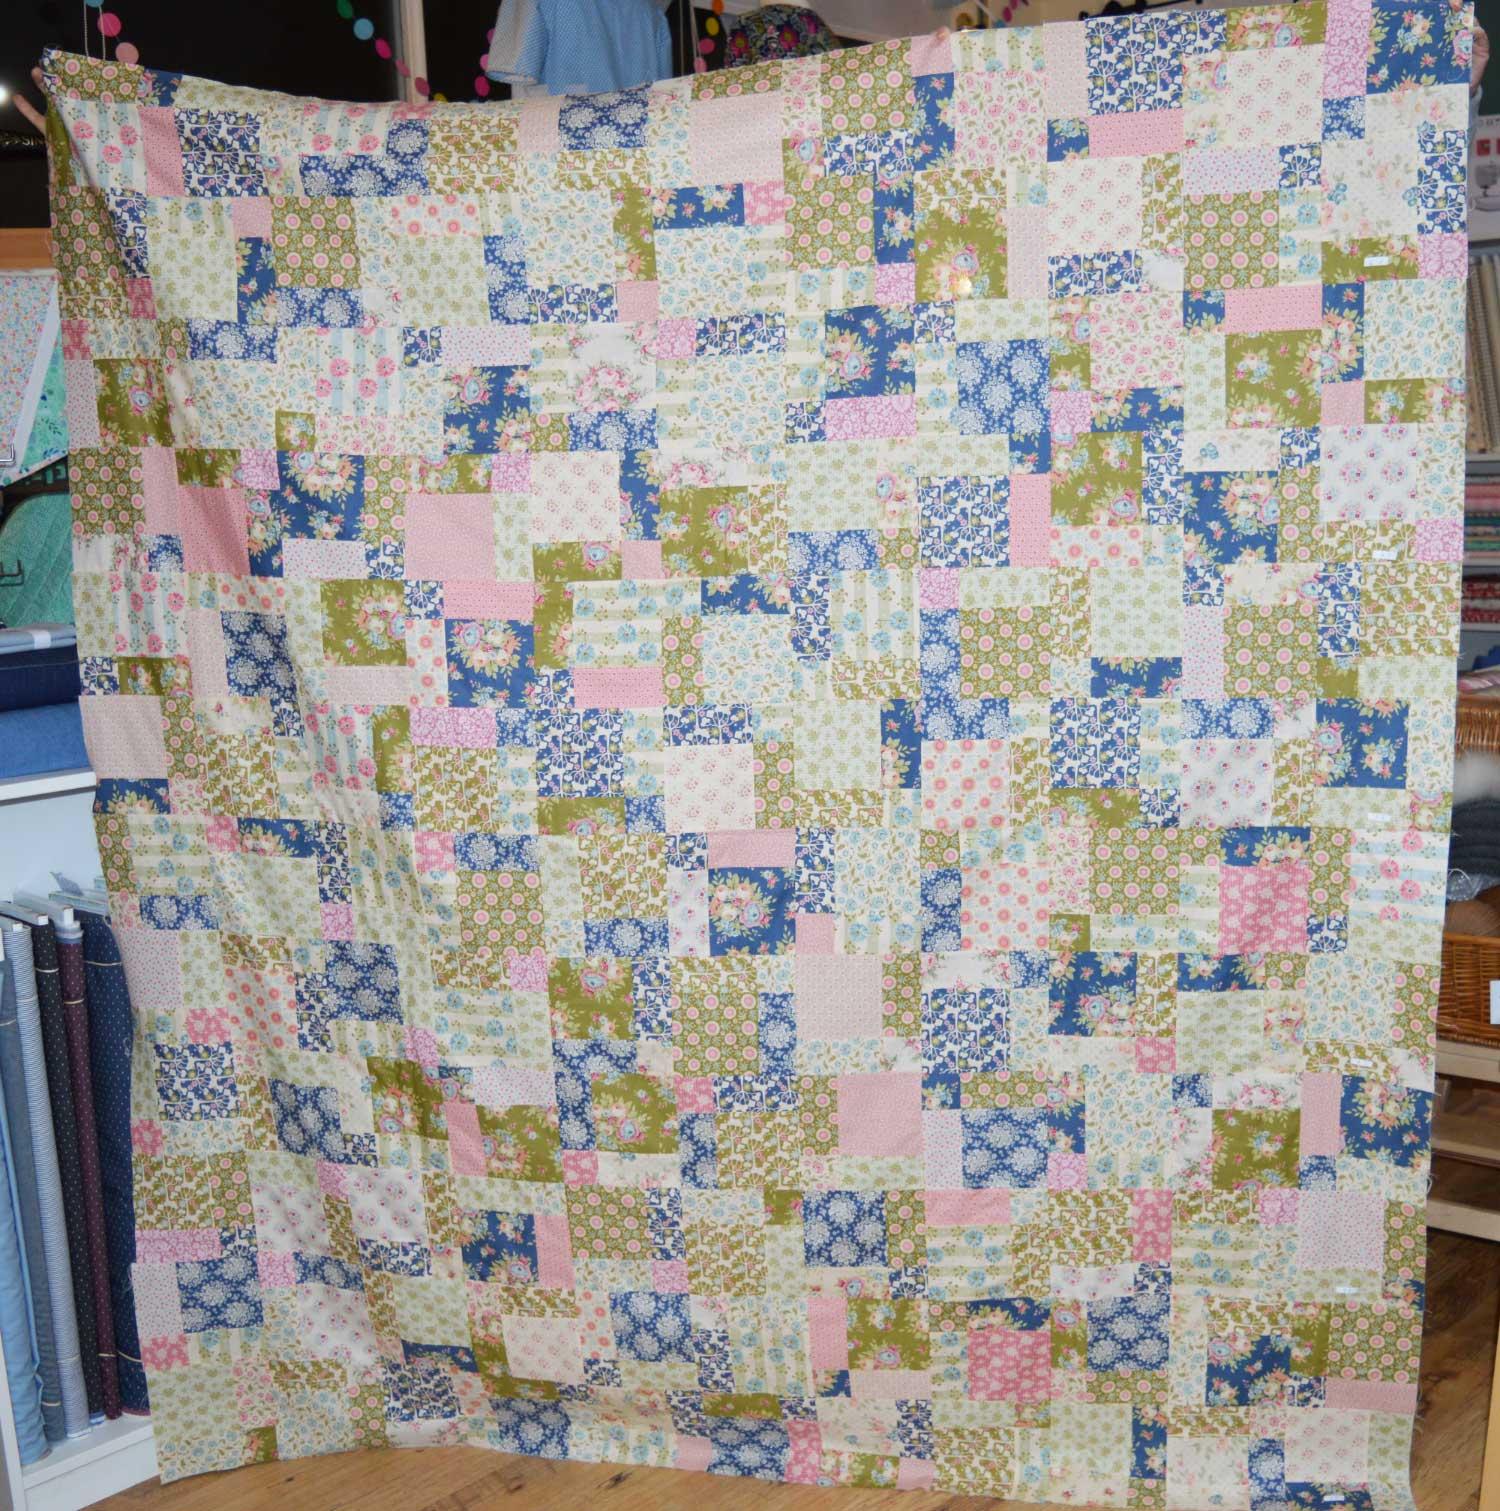 Sewn at Holm Sown: Customer Nine Patch Quilt - Tilda | Holm Sown